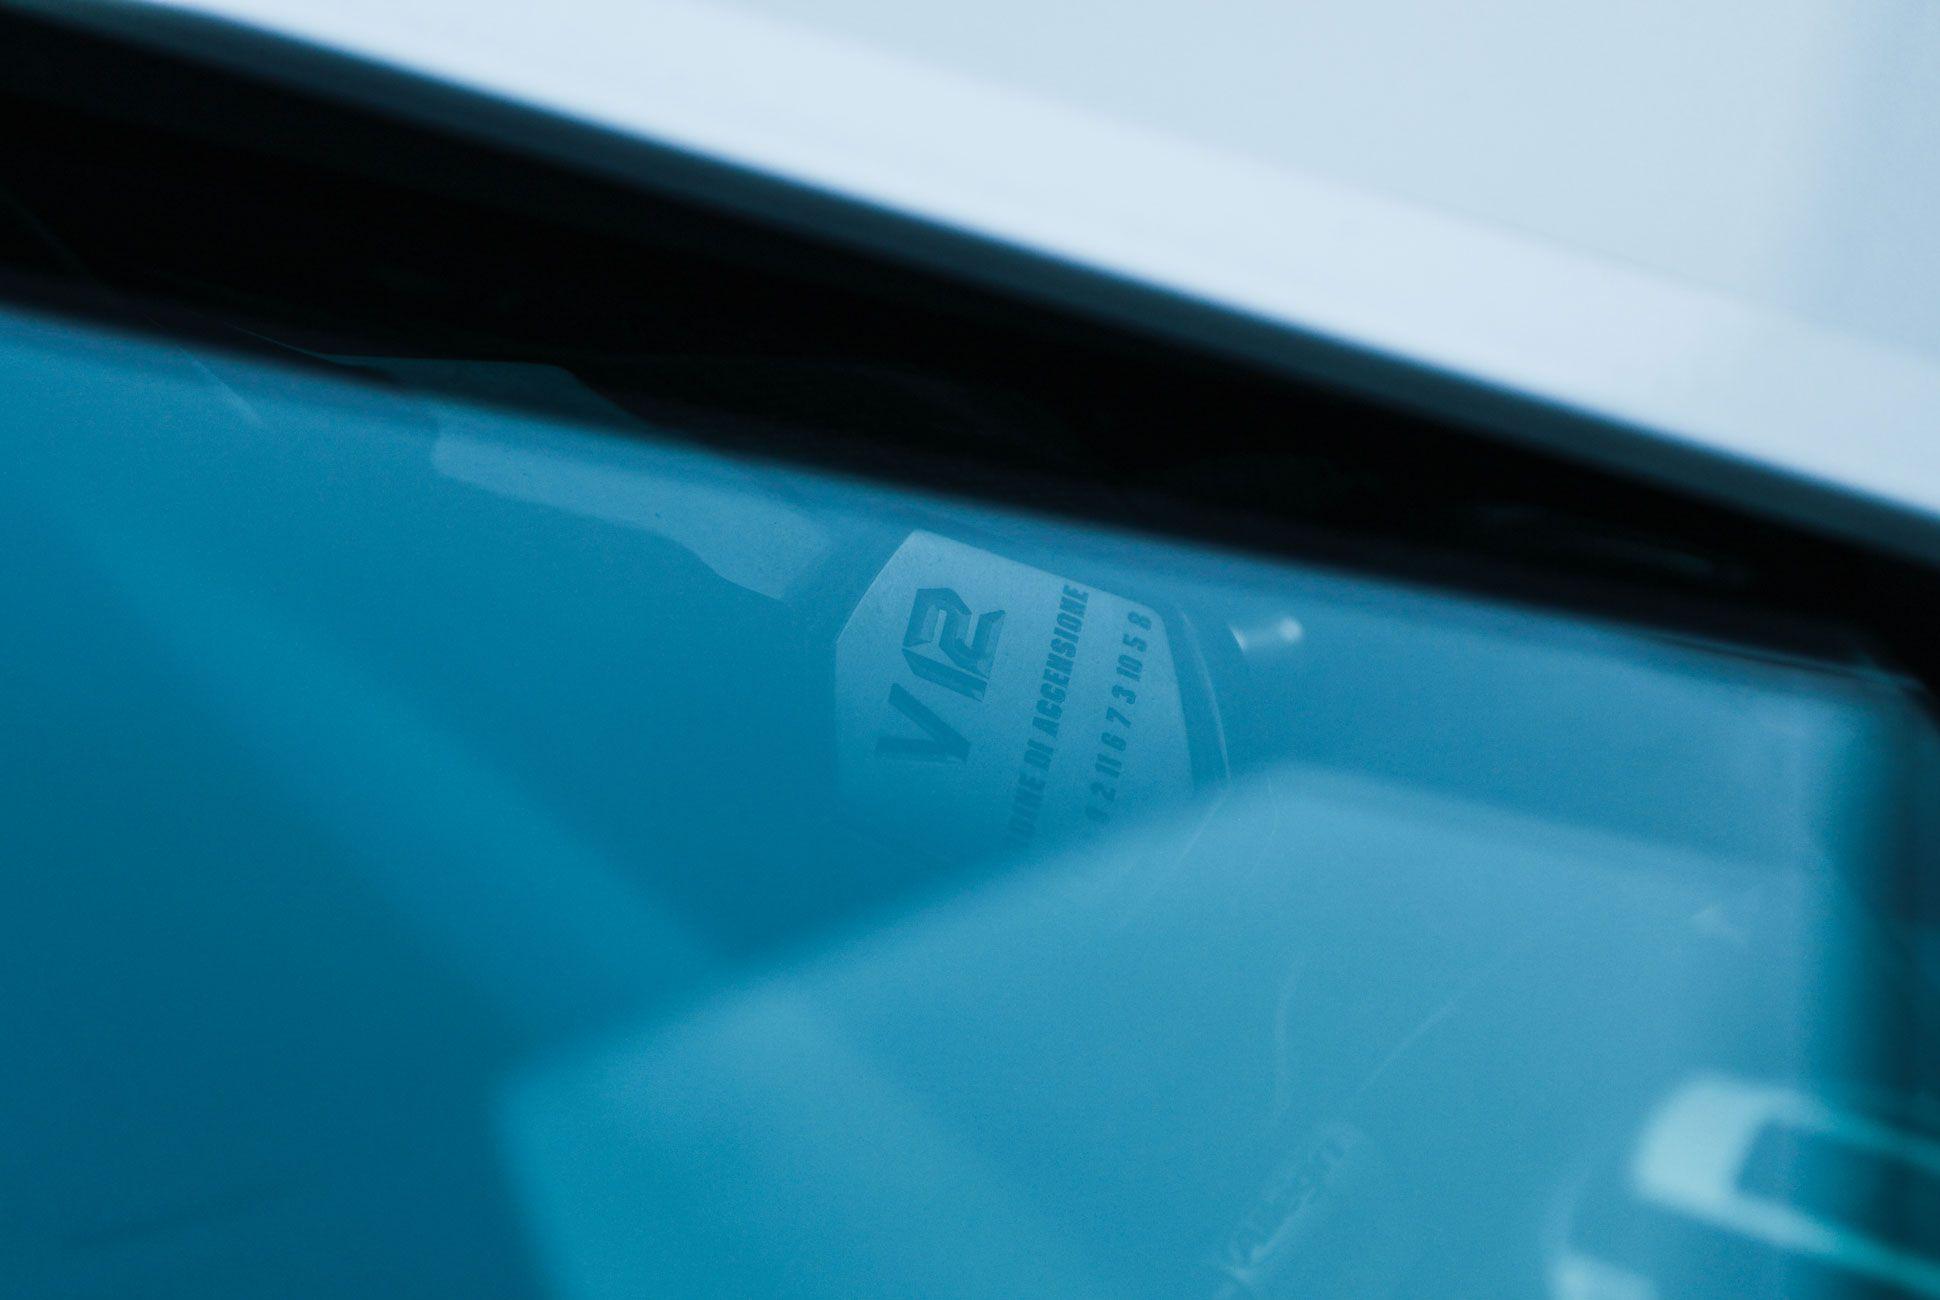 Lamborghini-Aventador-Roadster-Gear-Patrol-Slide-5